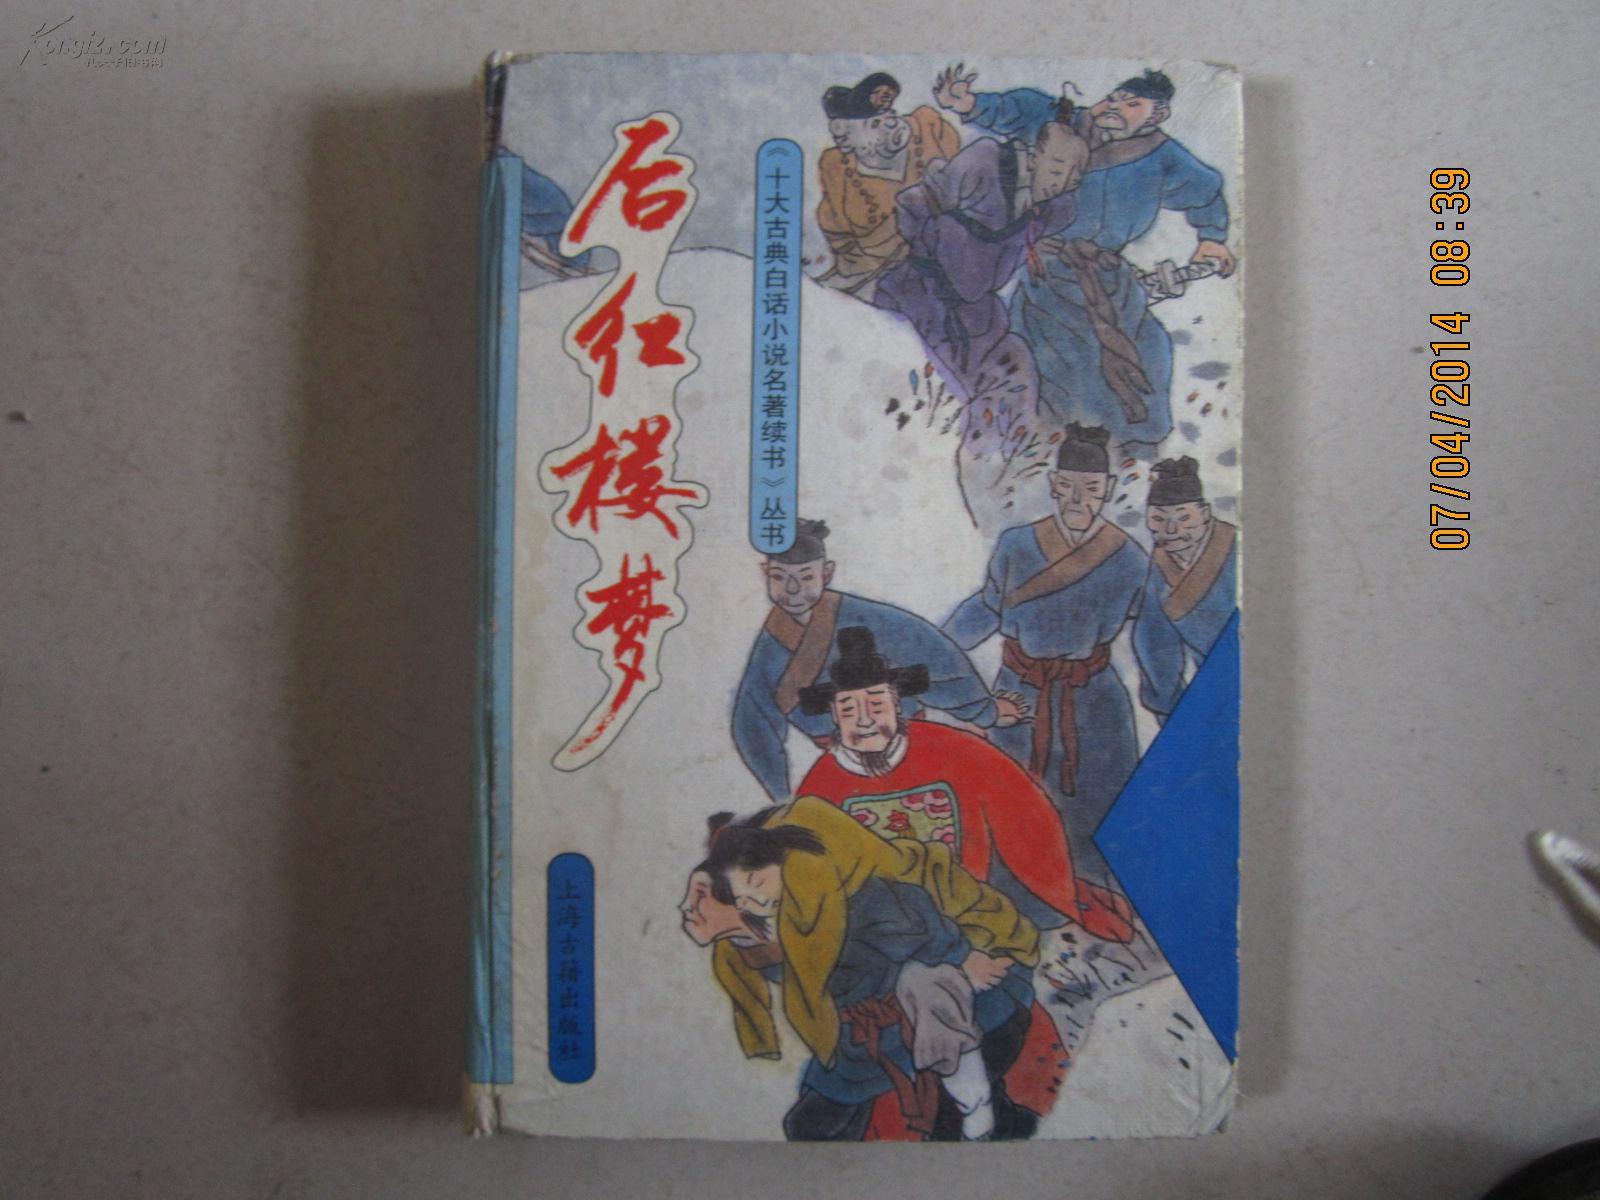 后红楼梦  十大古典白话小说名著续书>>丛书 卢守助 标点图片